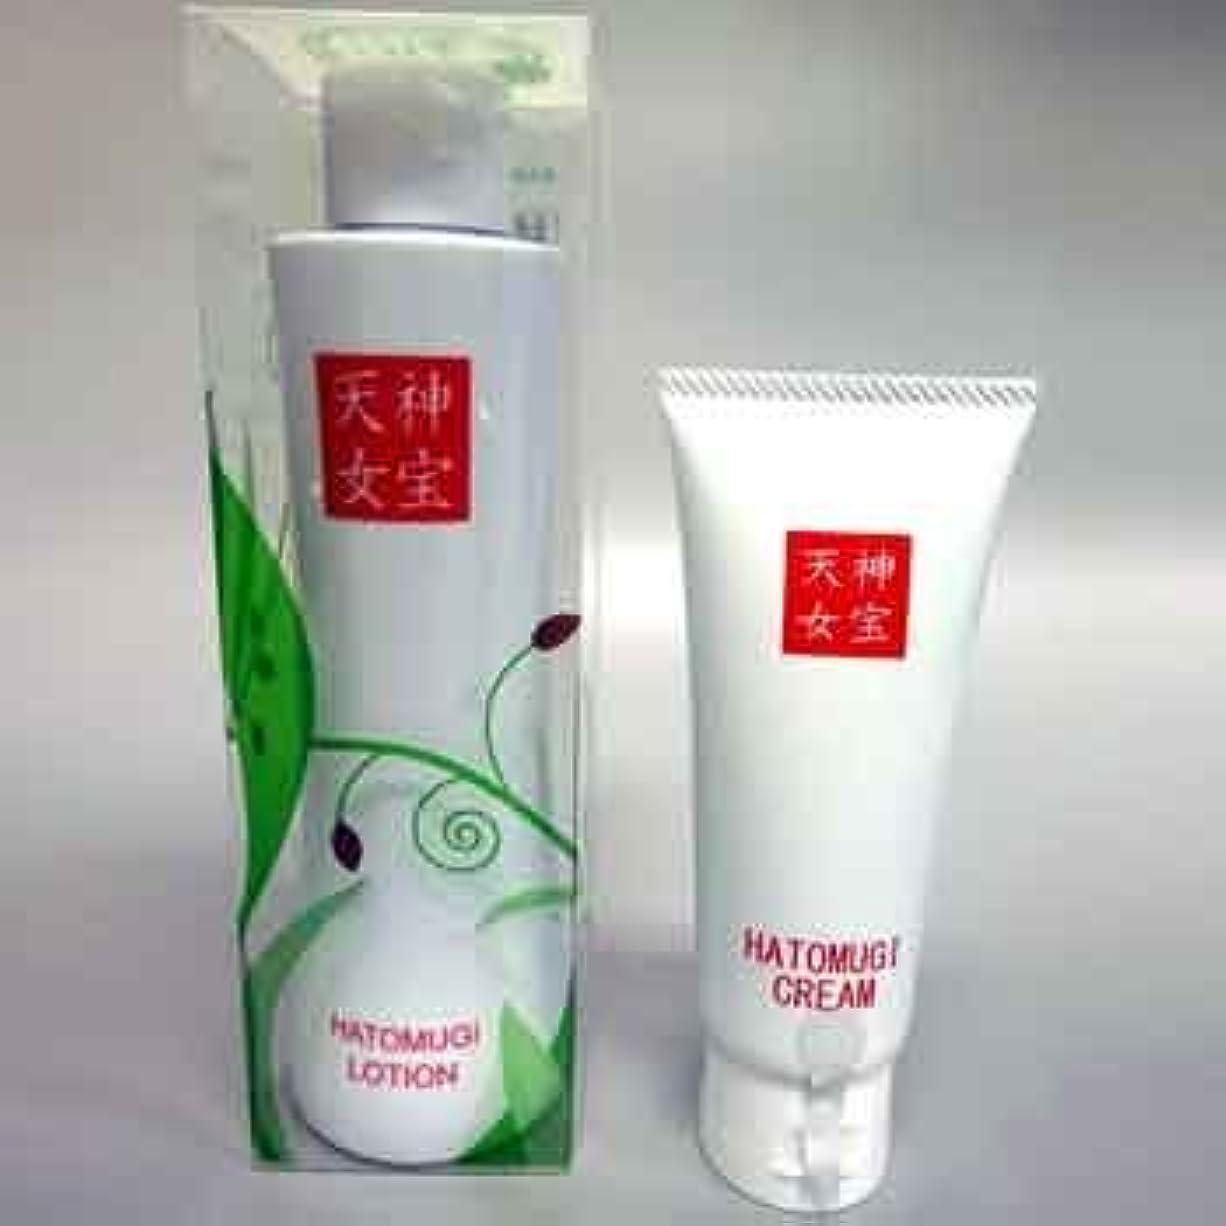 はくい農業協同組合 みたから天女化粧品シリーズ 化粧水+クリームセット